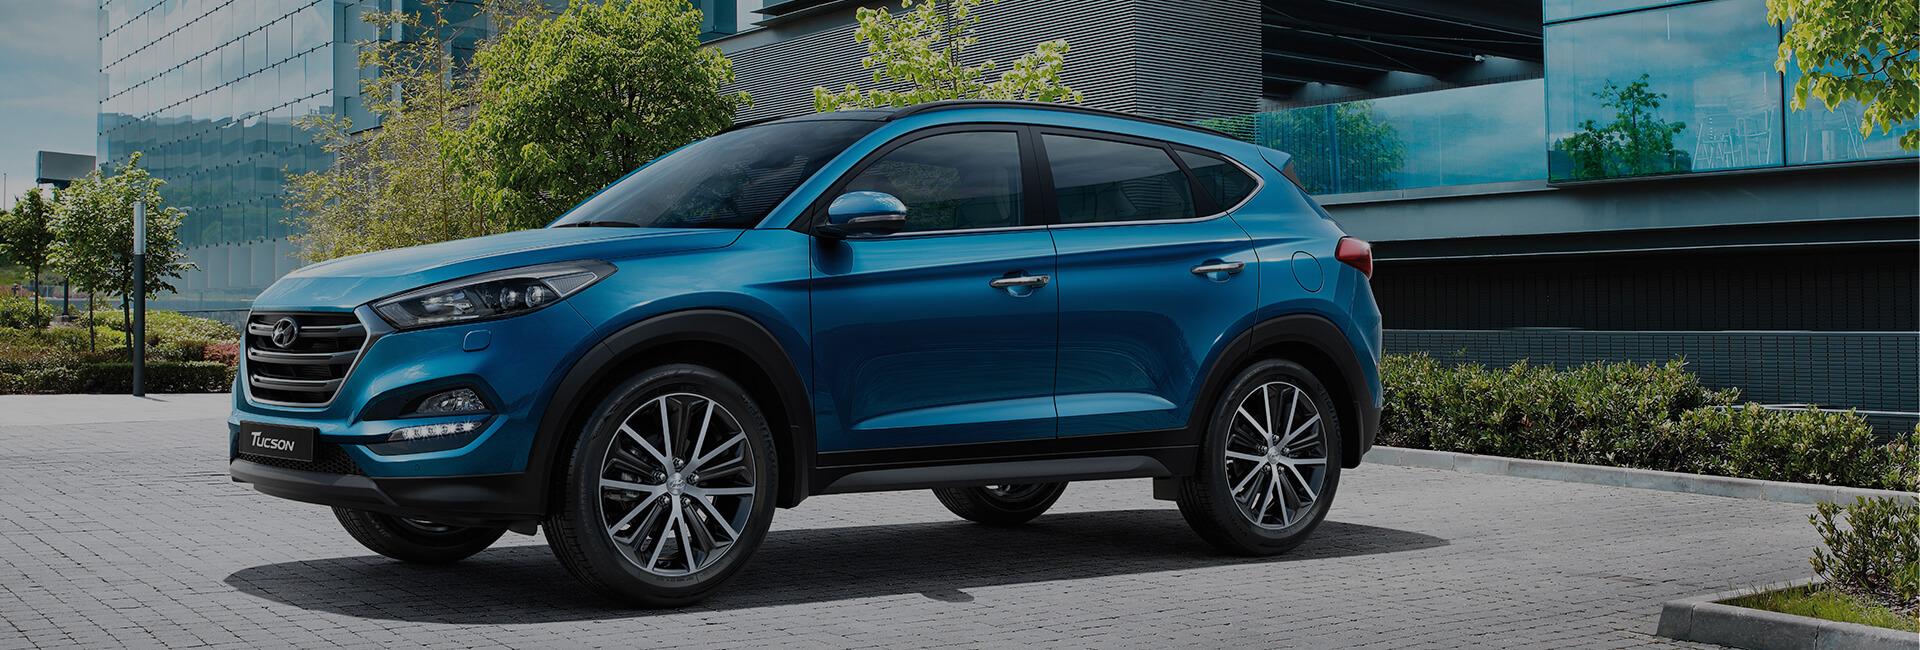 Buy Tucson Hyundai Sri Lanka